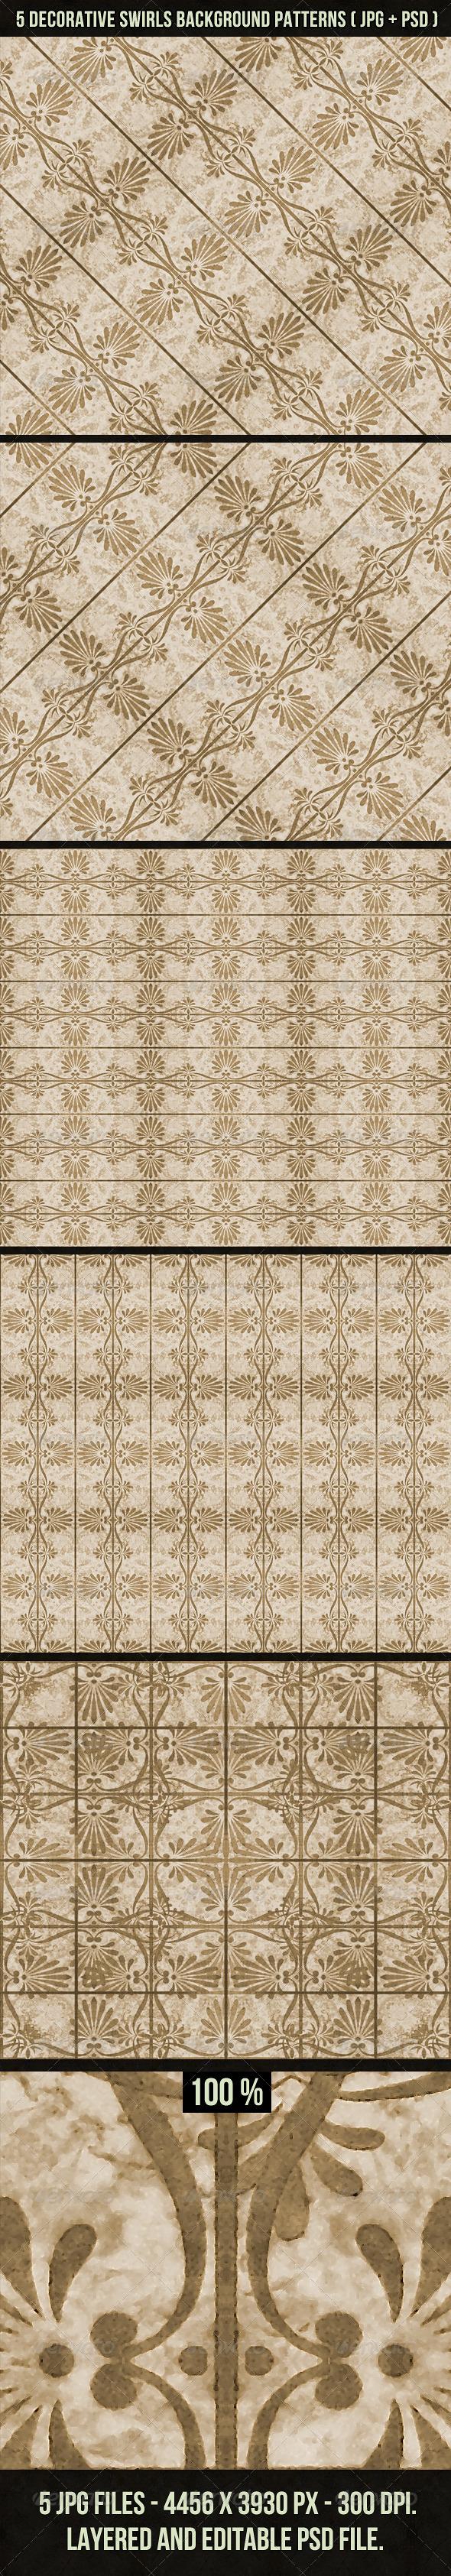 GraphicRiver 5 Decorative Swirls Background Patterns 4075458